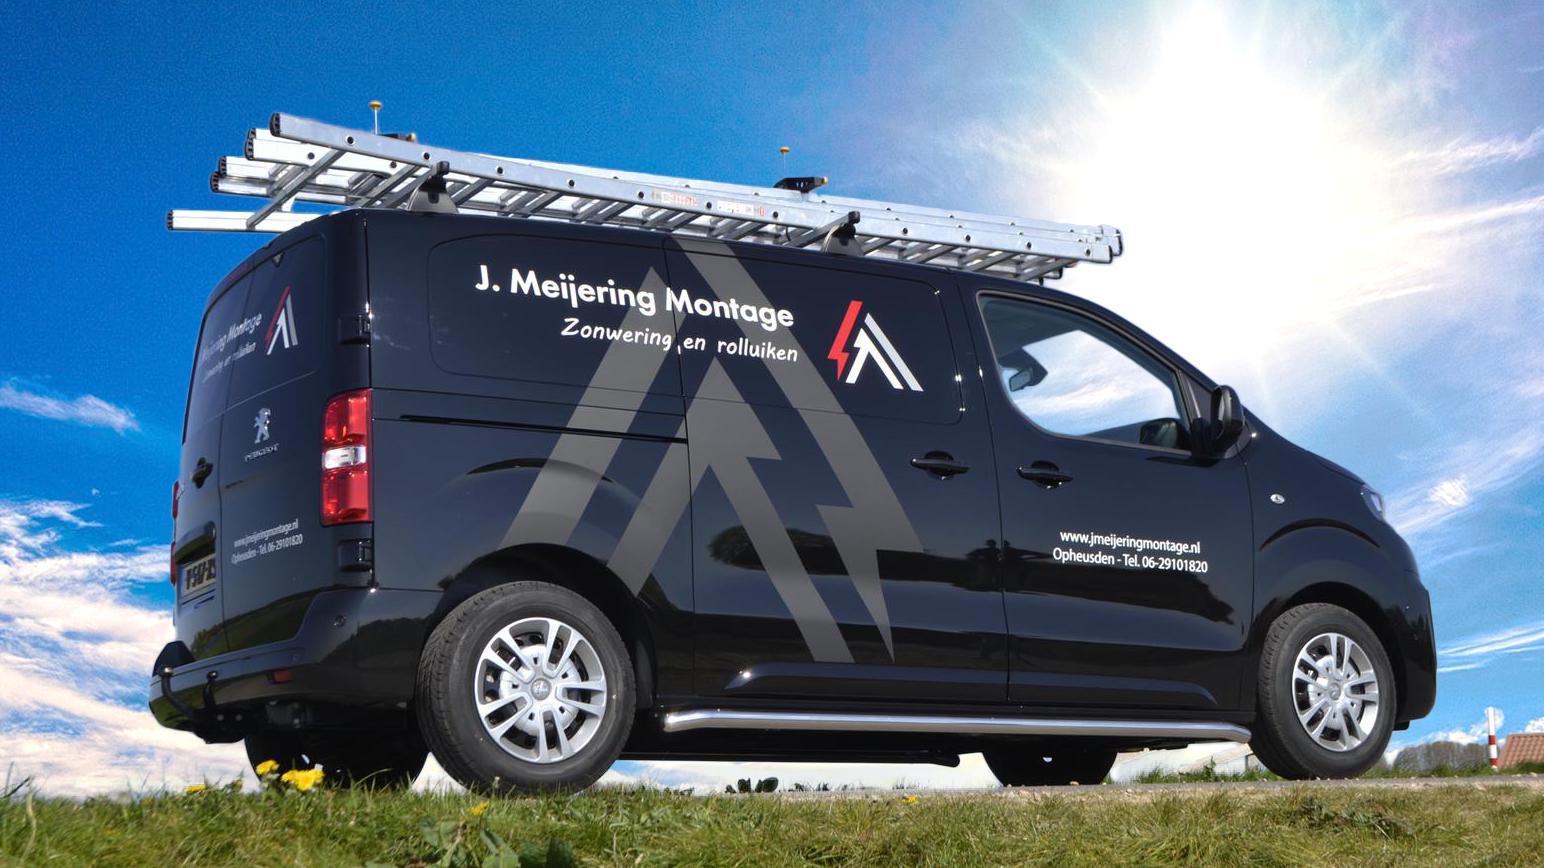 De bedrijfsbus van Johan. | J. Meijering Montage uit Opheusden.